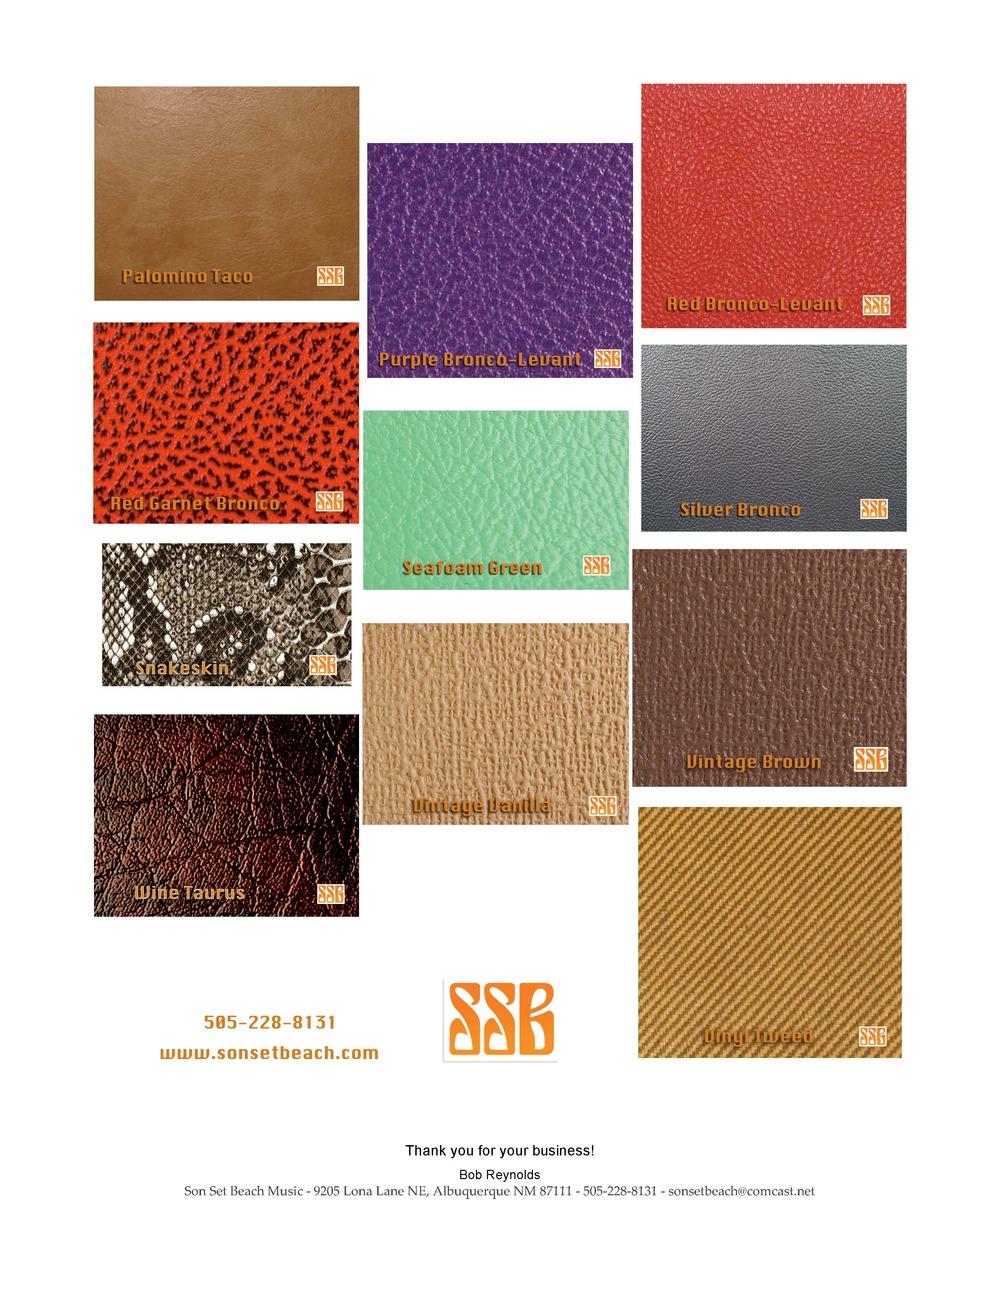 SSB_Cabs_Sales order_Page_4.jpg